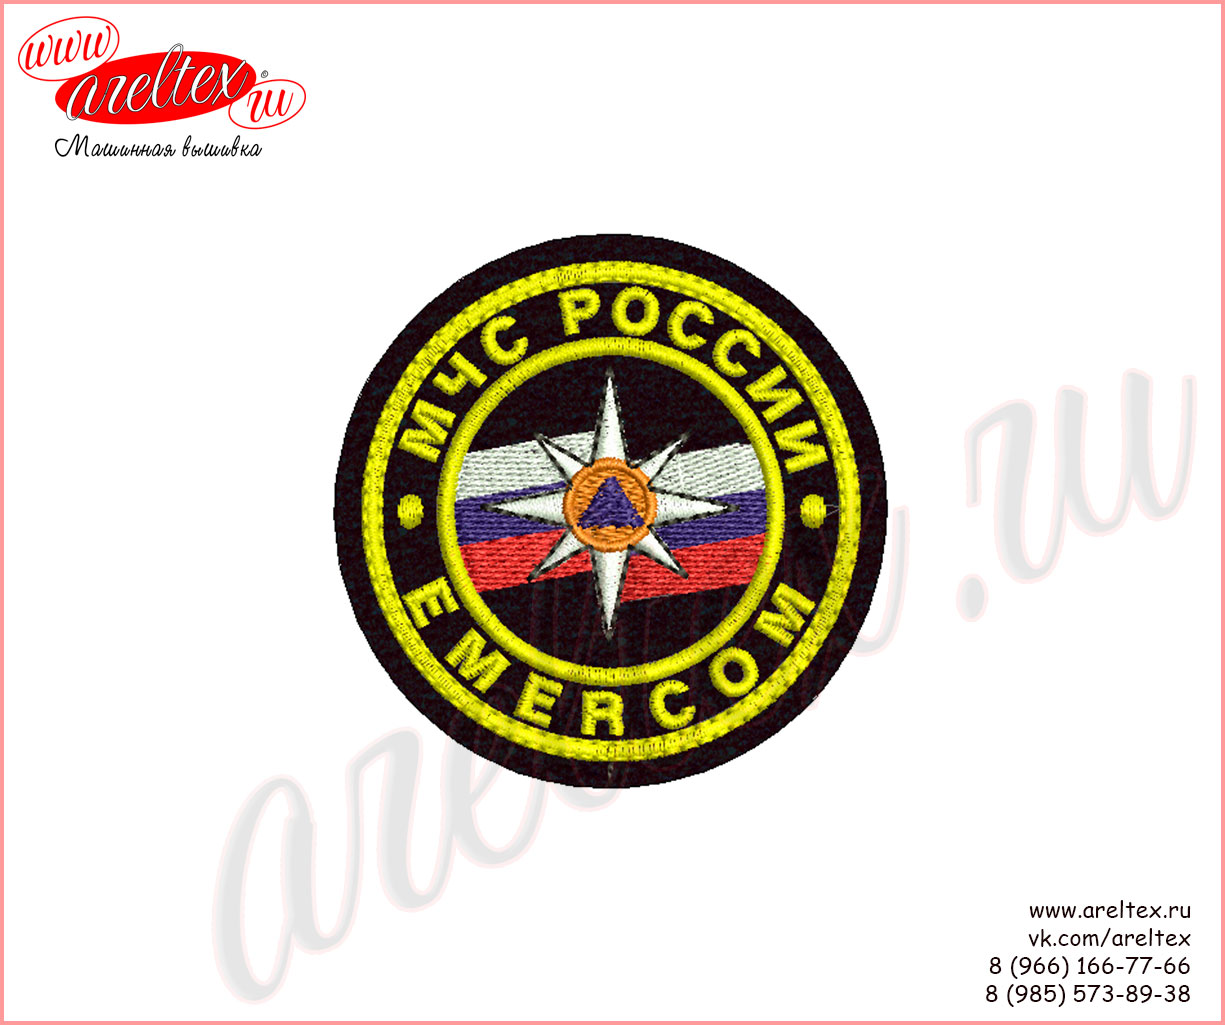 Круглый вышитый шеврон МЧС России на кепку (EMERCOM)